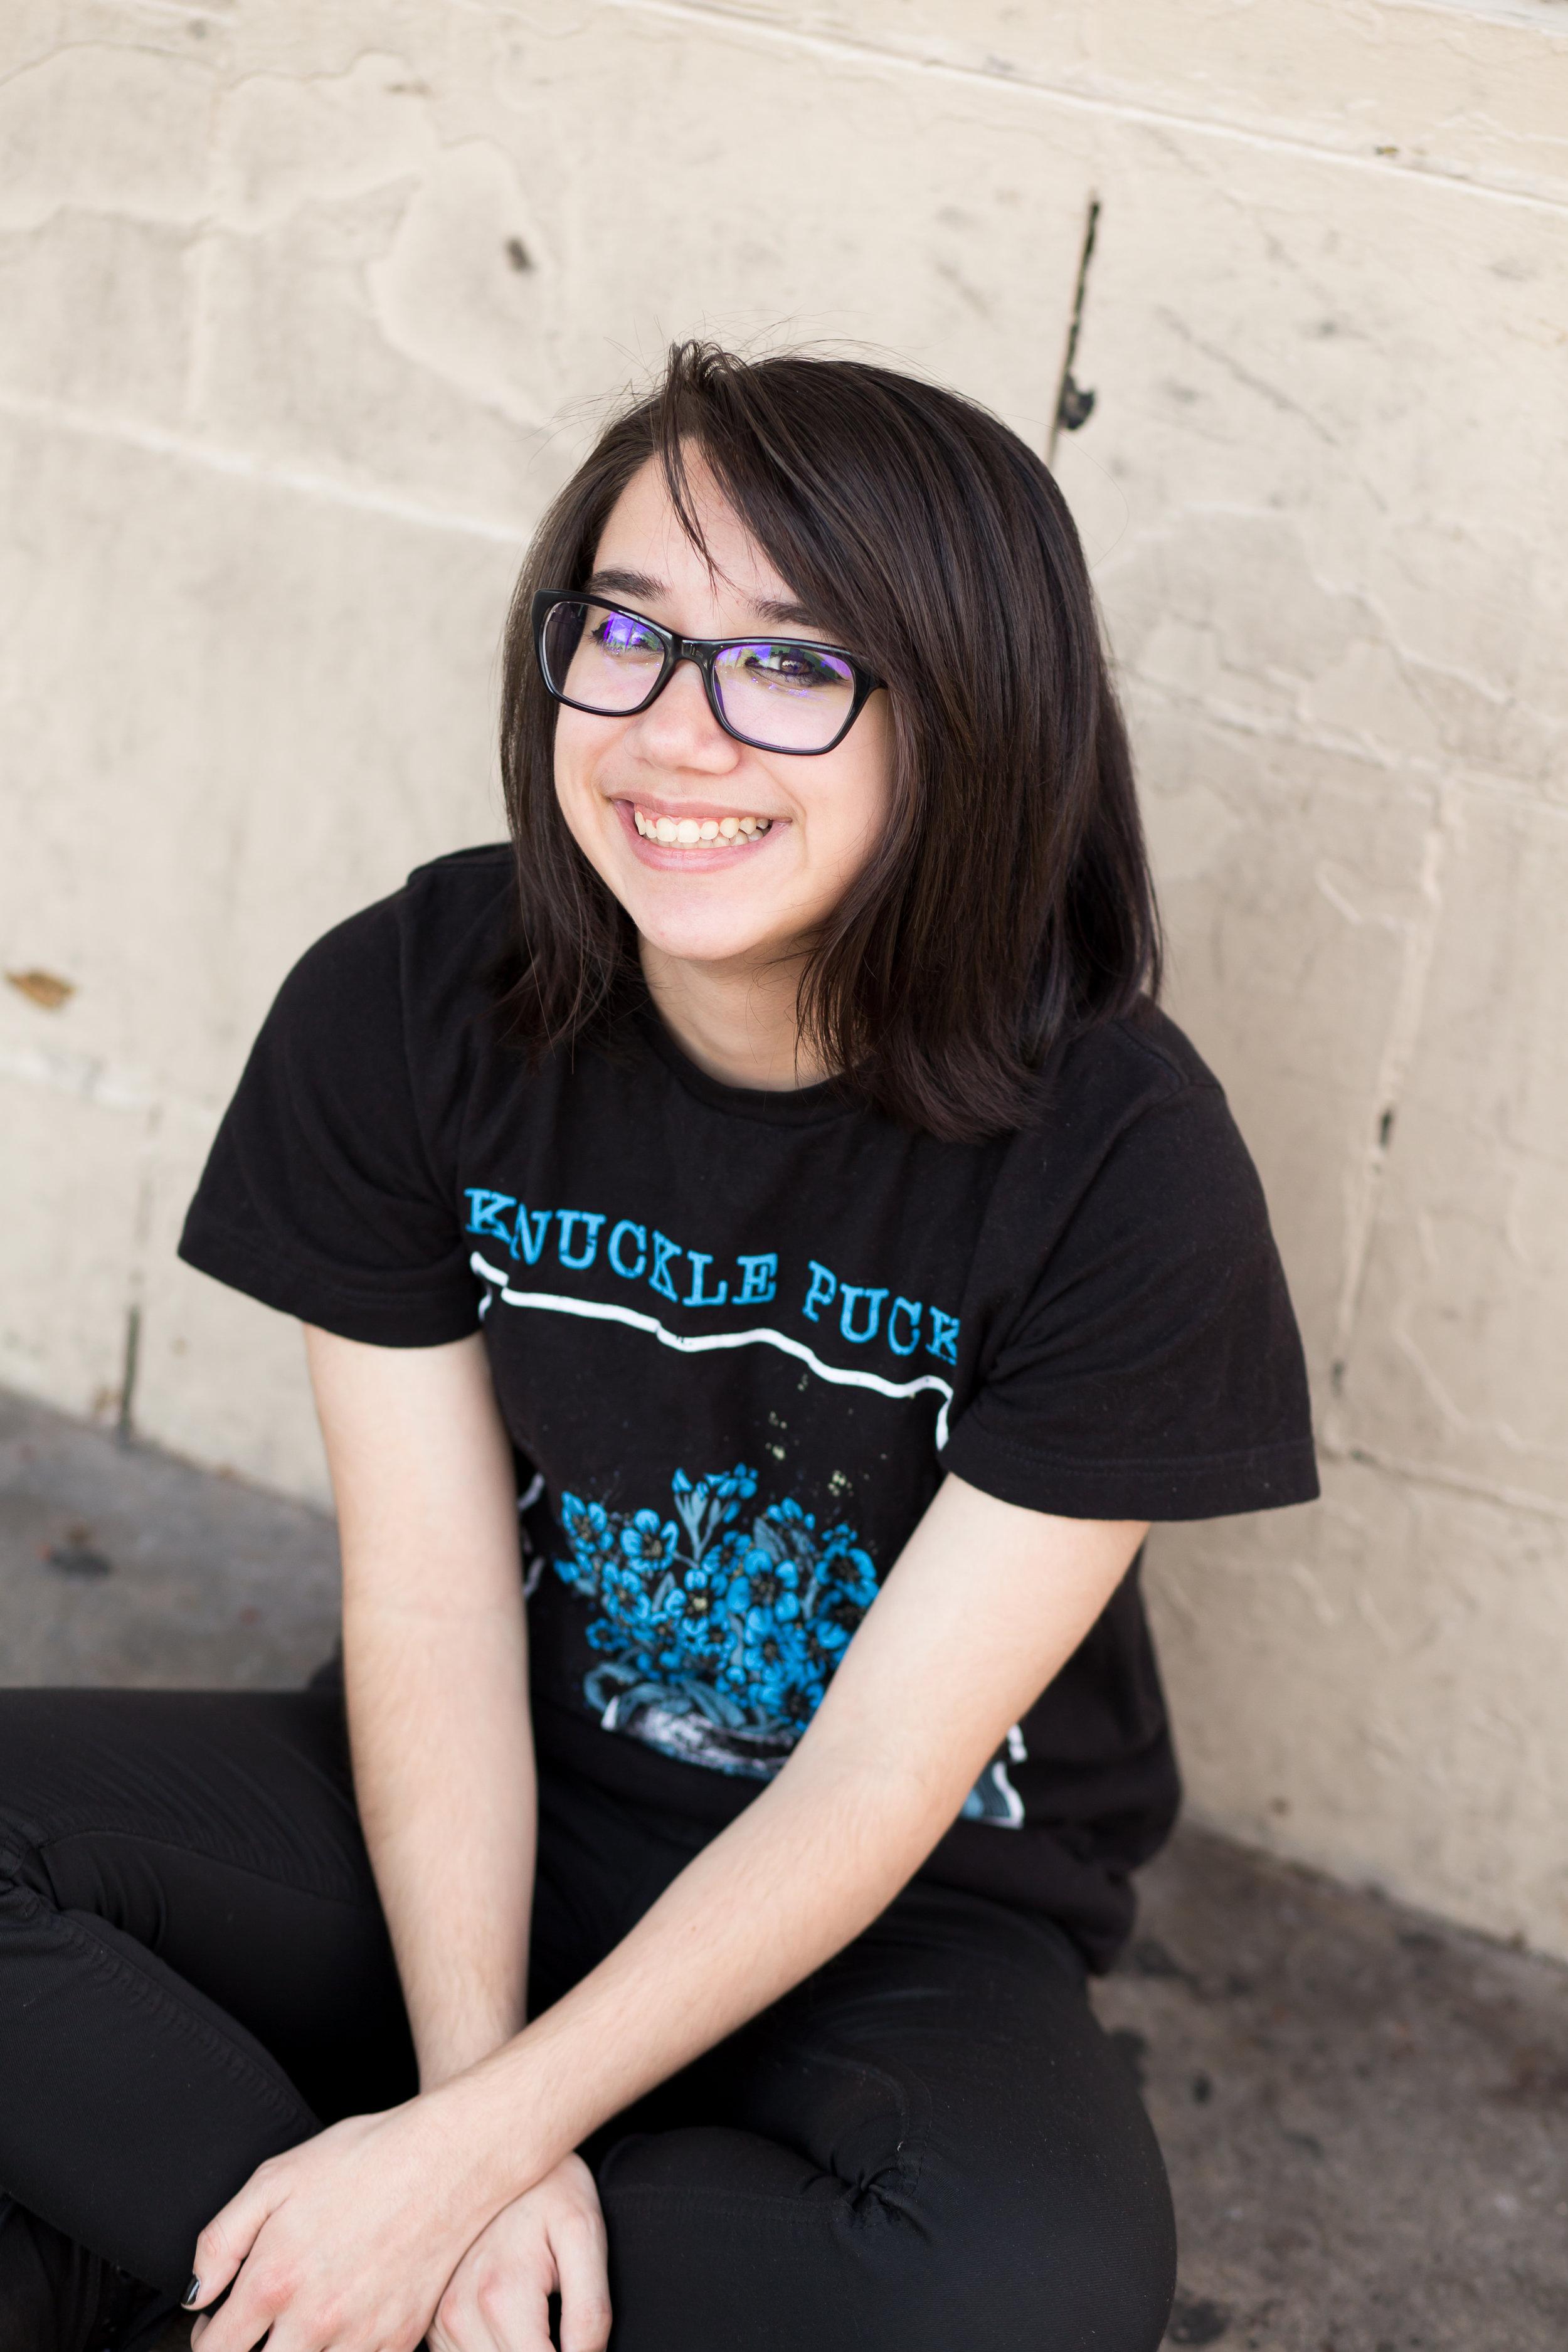 Colorado Springs Senior Photography | Colorado Springs Senior Photographer | Girl in black shirt smiling at camera | Stacy Carosa Photography